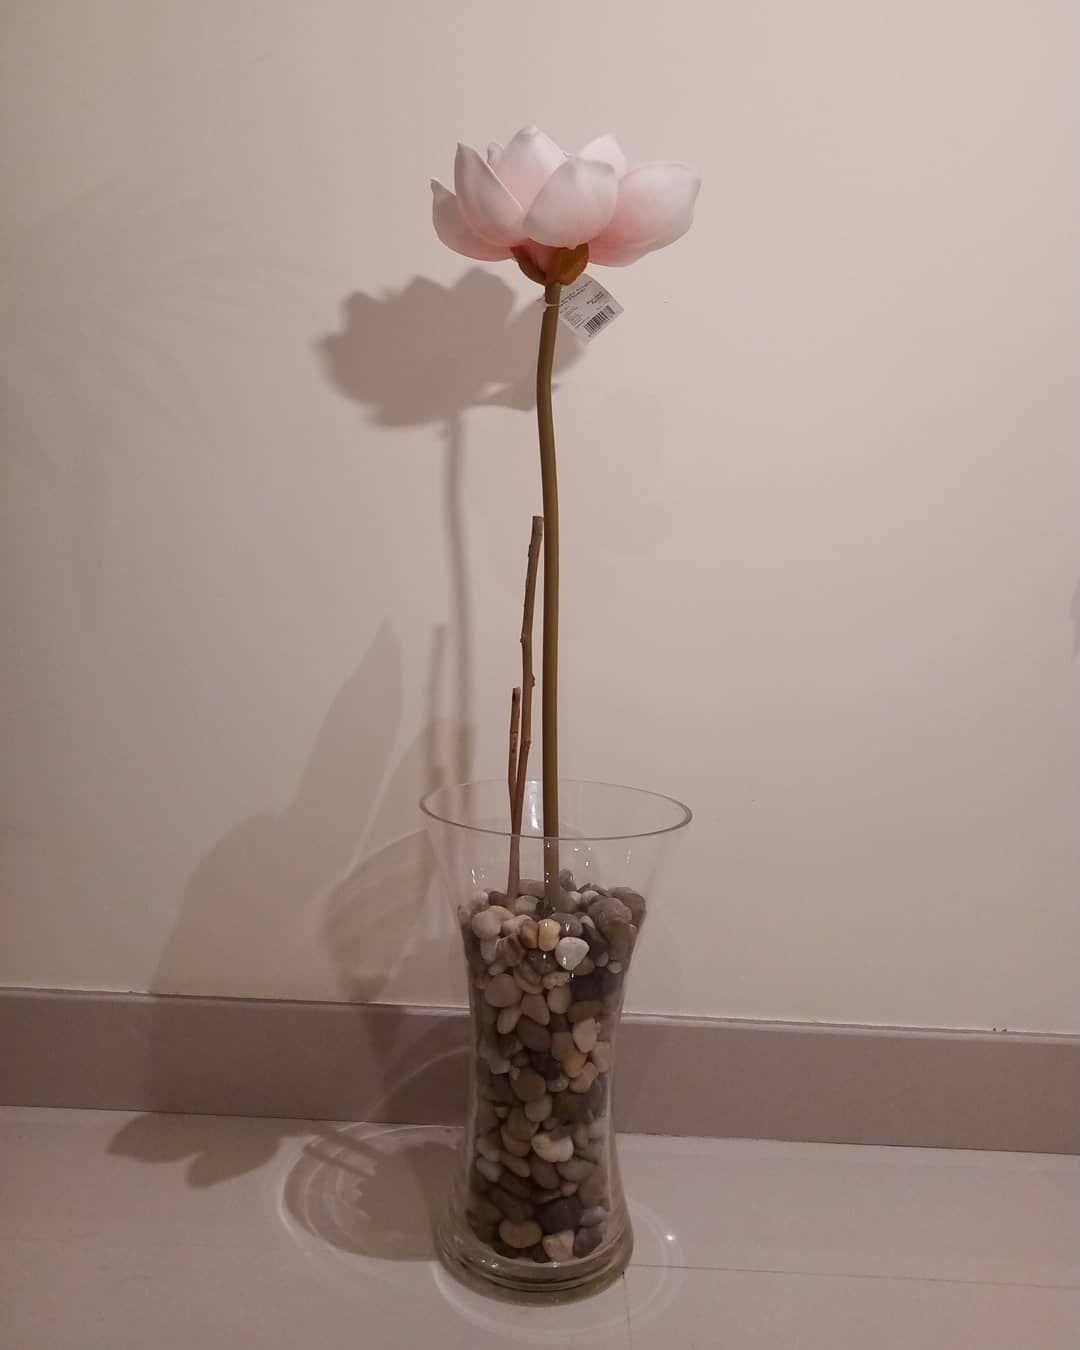 35 ريالا بلا رسوم توصيل Decor ديكور يكور ازهار زهر وردي وردية Pink Flowers نباتات نبات صناعي ورود حديقة بيت صاله In 2020 Glass Vase Decor Vase